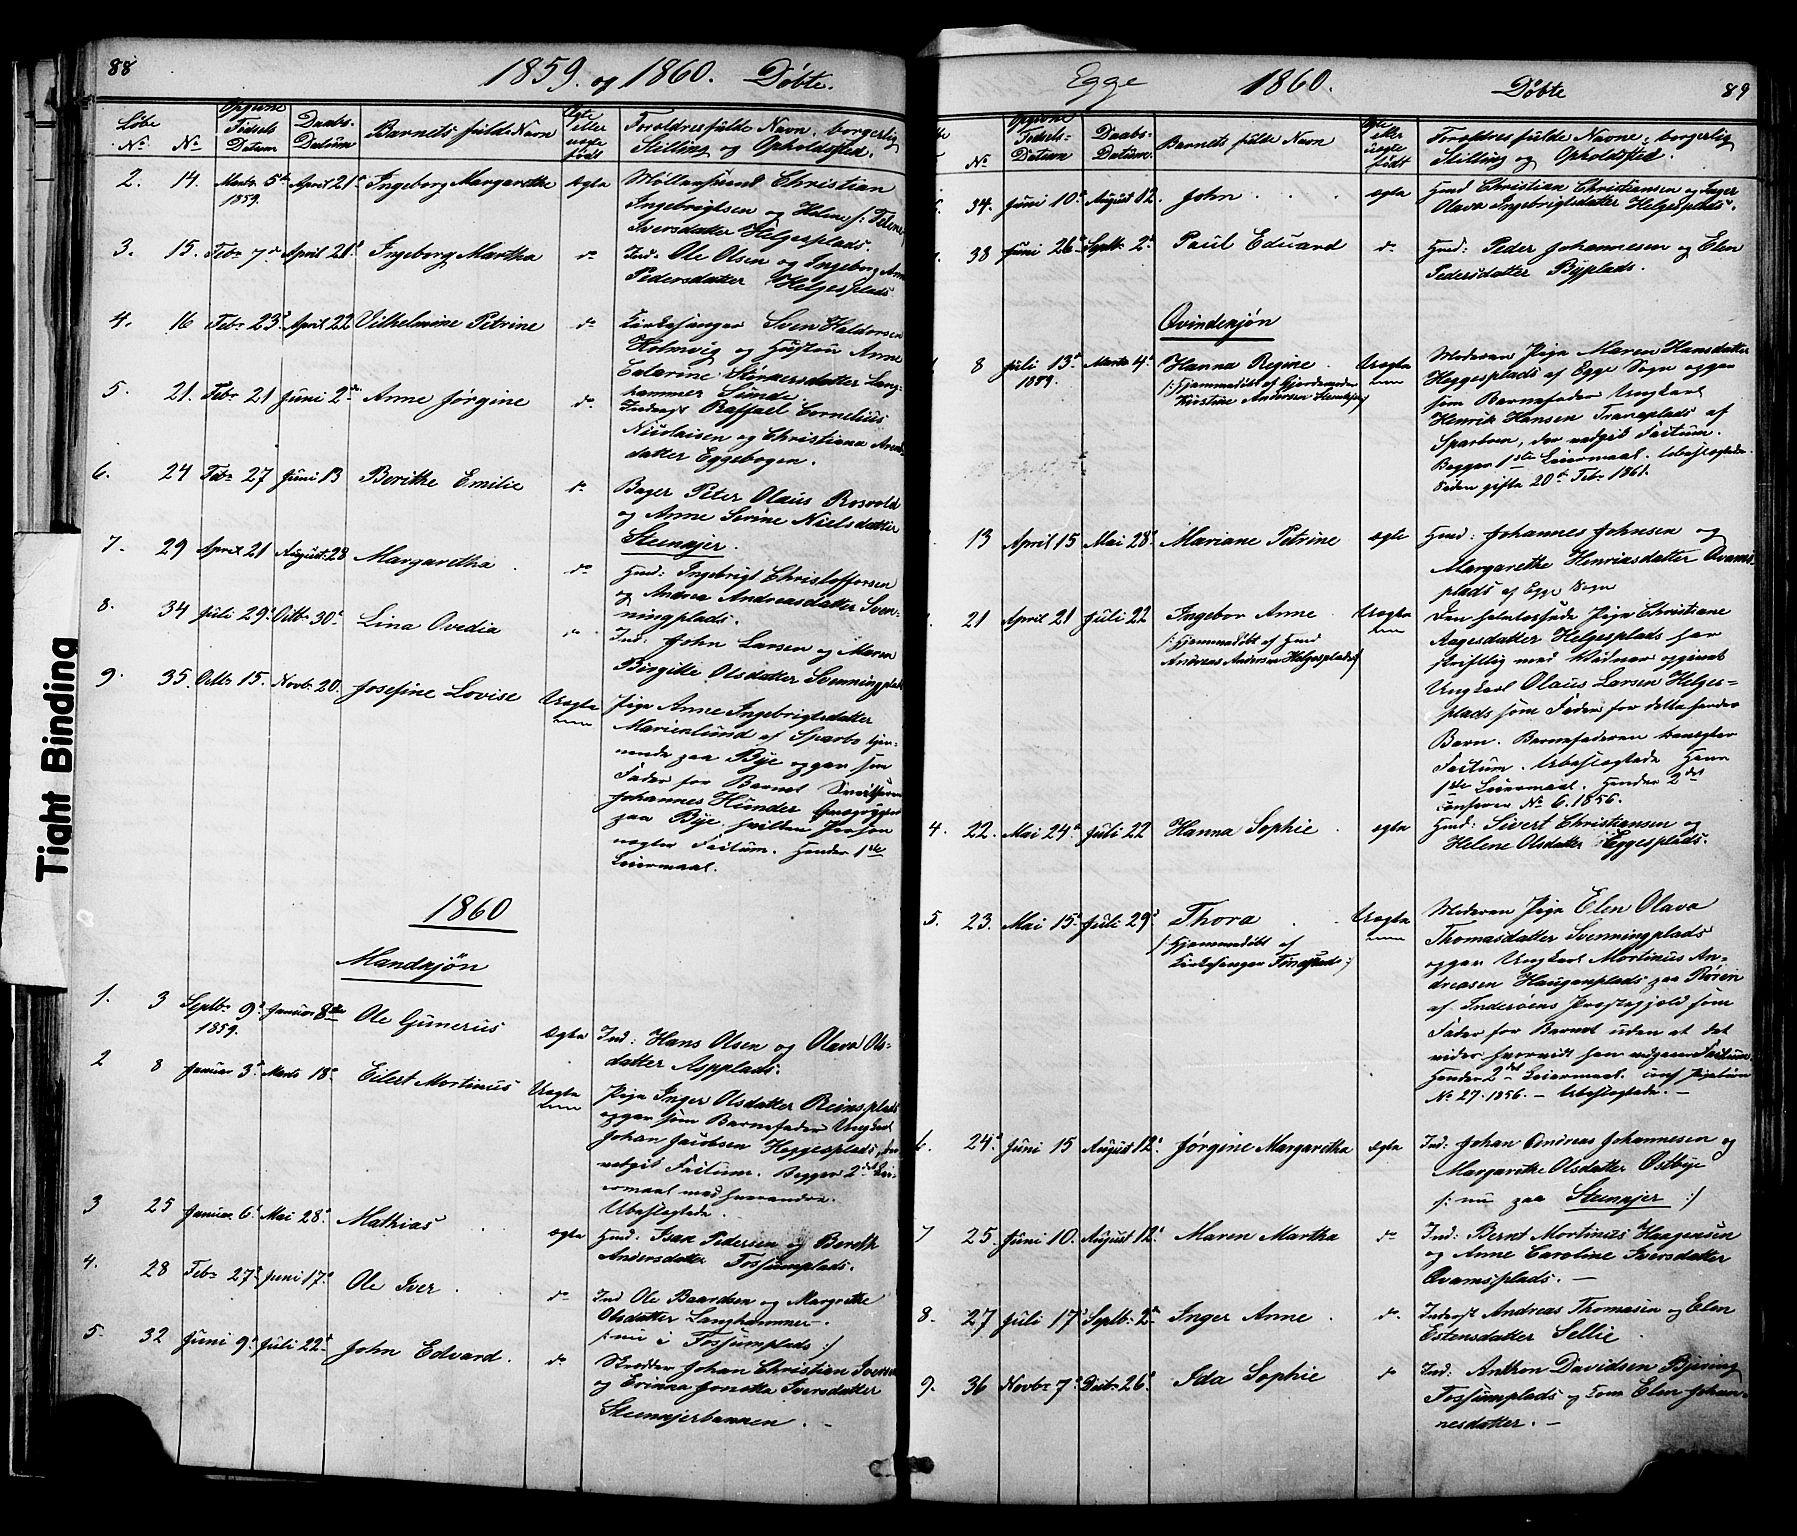 SAT, Ministerialprotokoller, klokkerbøker og fødselsregistre - Nord-Trøndelag, 739/L0367: Ministerialbok nr. 739A01 /3, 1838-1868, s. 88-89